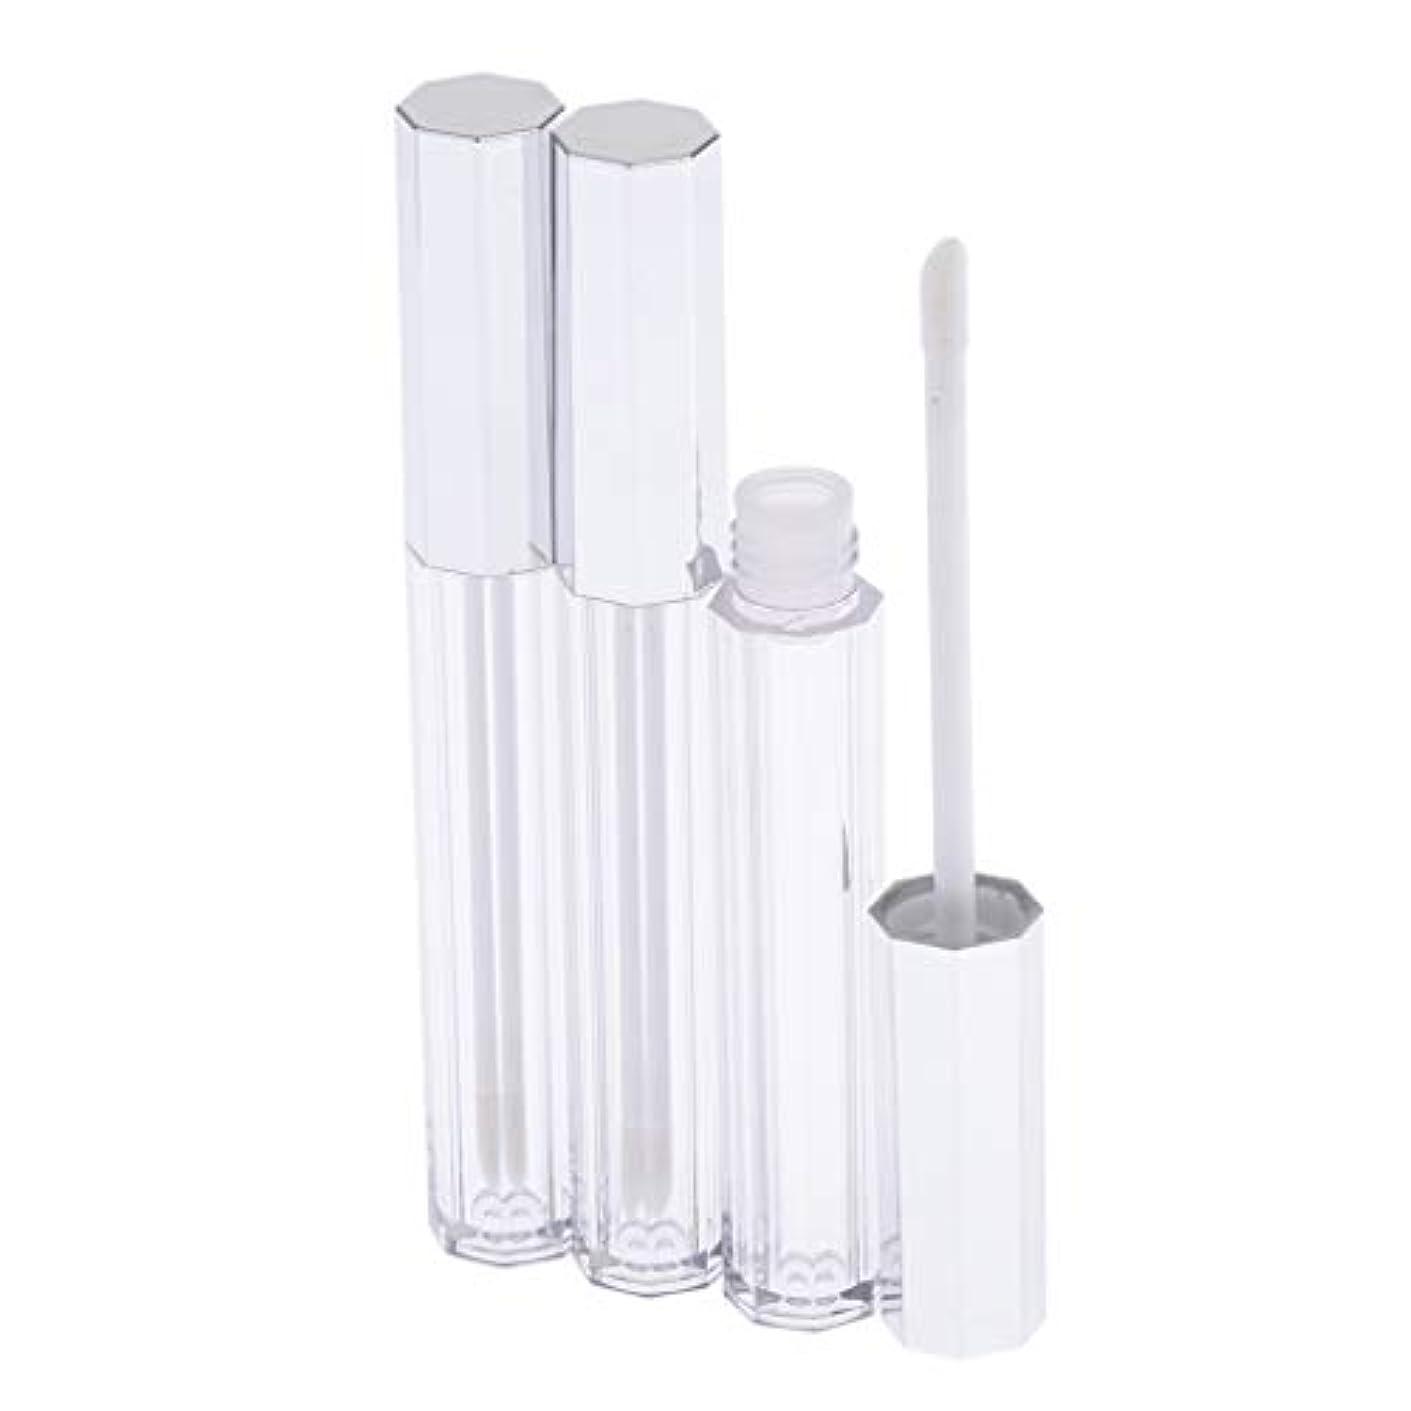 いわゆるアスレチック名目上のSM SunniMix リップグロス 容器 チューブ クリア リップスティックチューブ プラスチック 5ml 3個セット